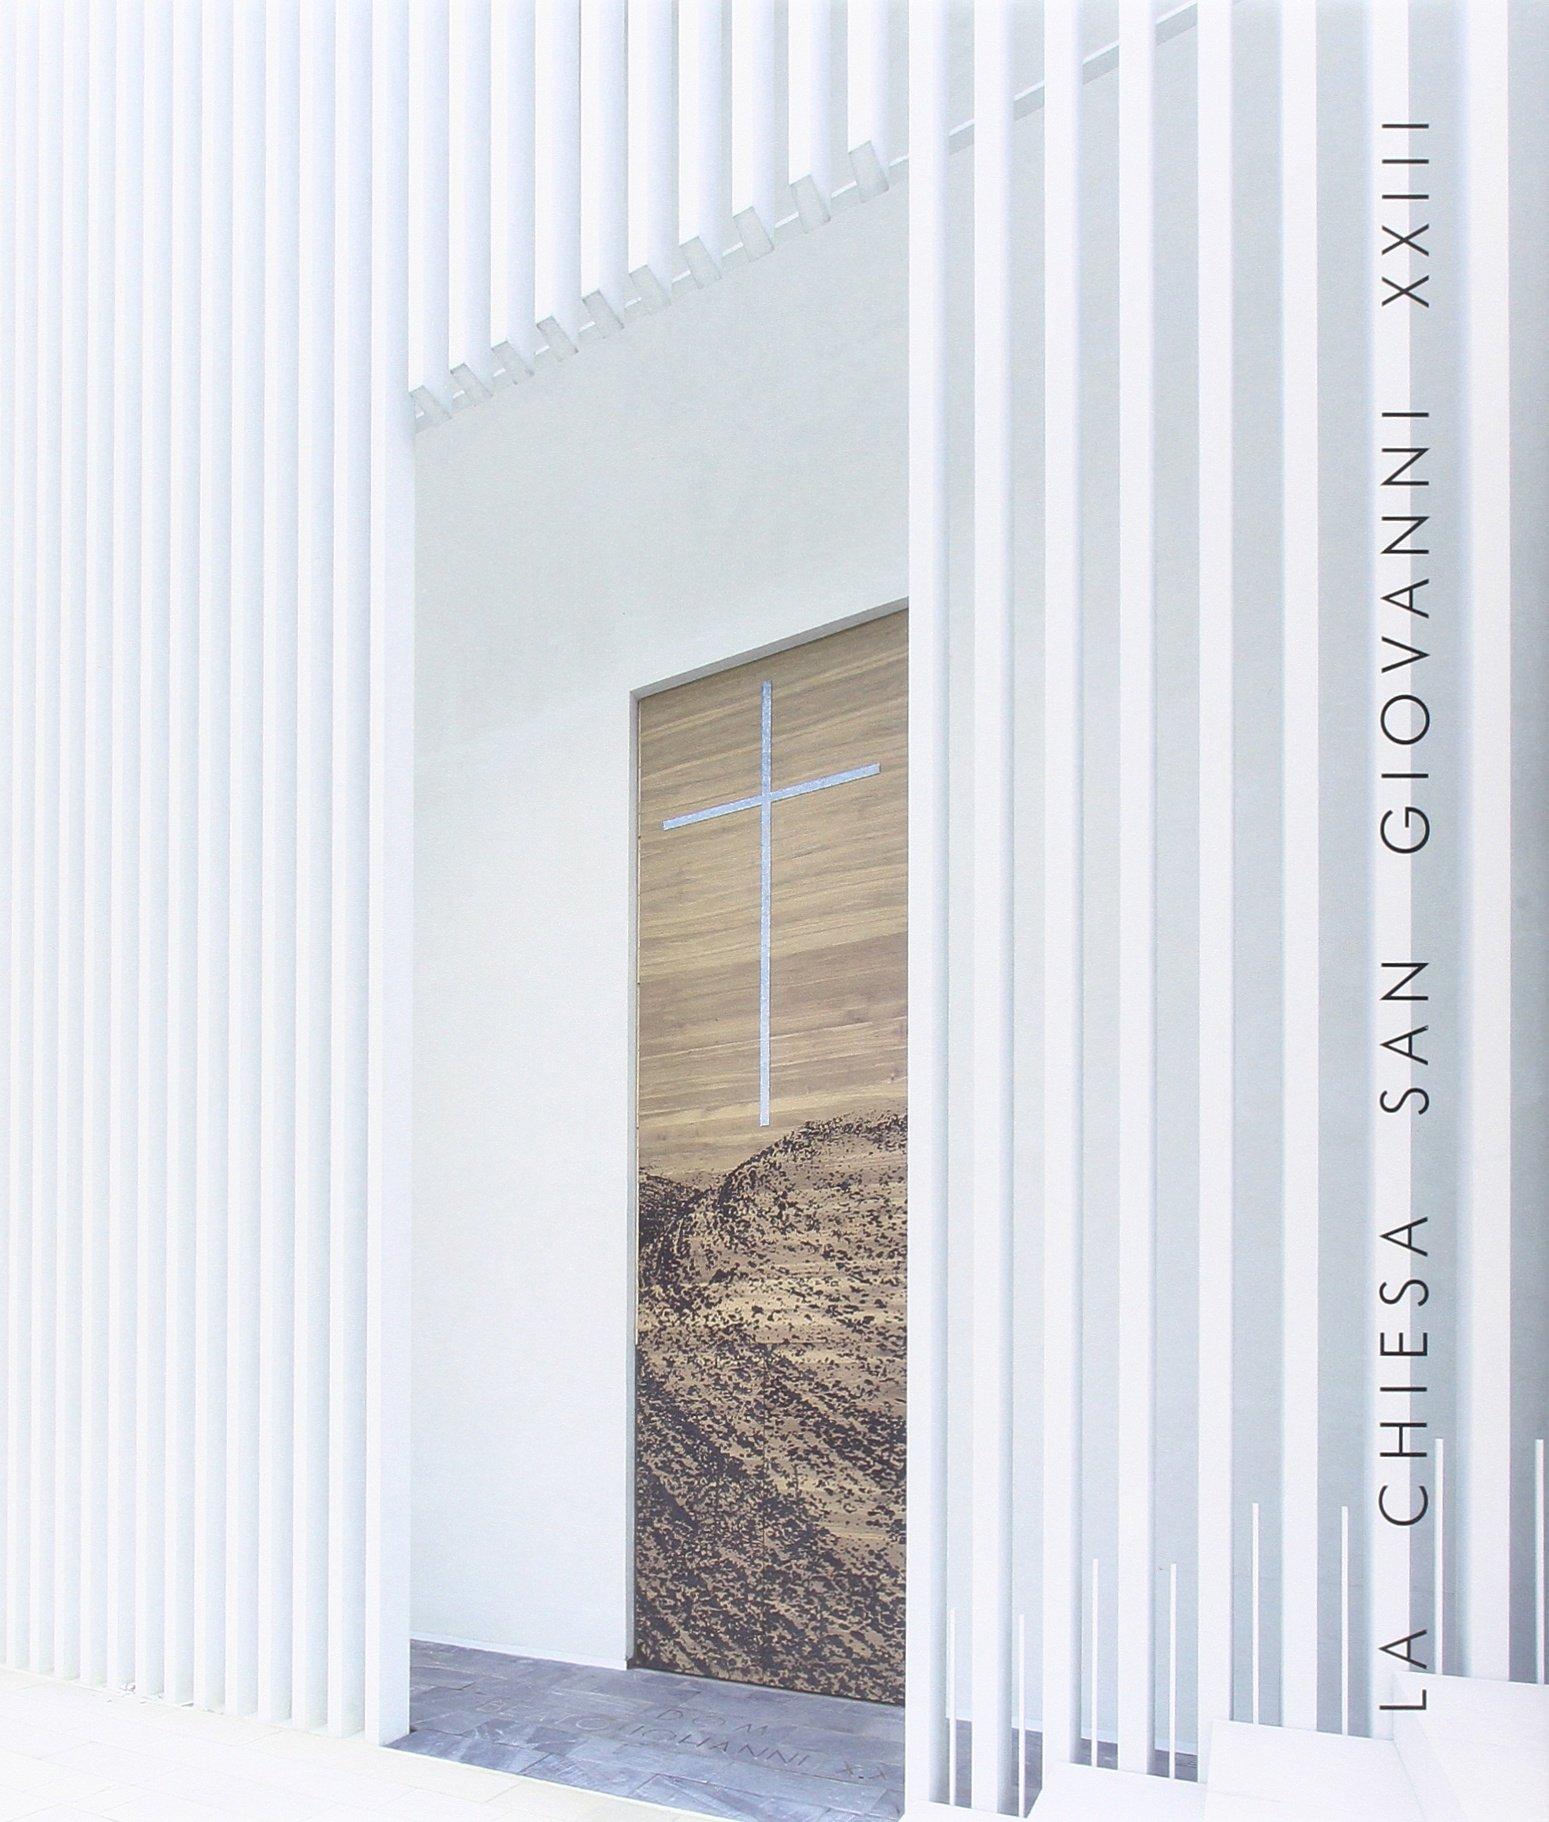 La chiesa di San Giovanni XXIII_ edito da Grafica e Arte , pubblicato nel 2015.  Arte e architettura, multilingue, 175 pagine.